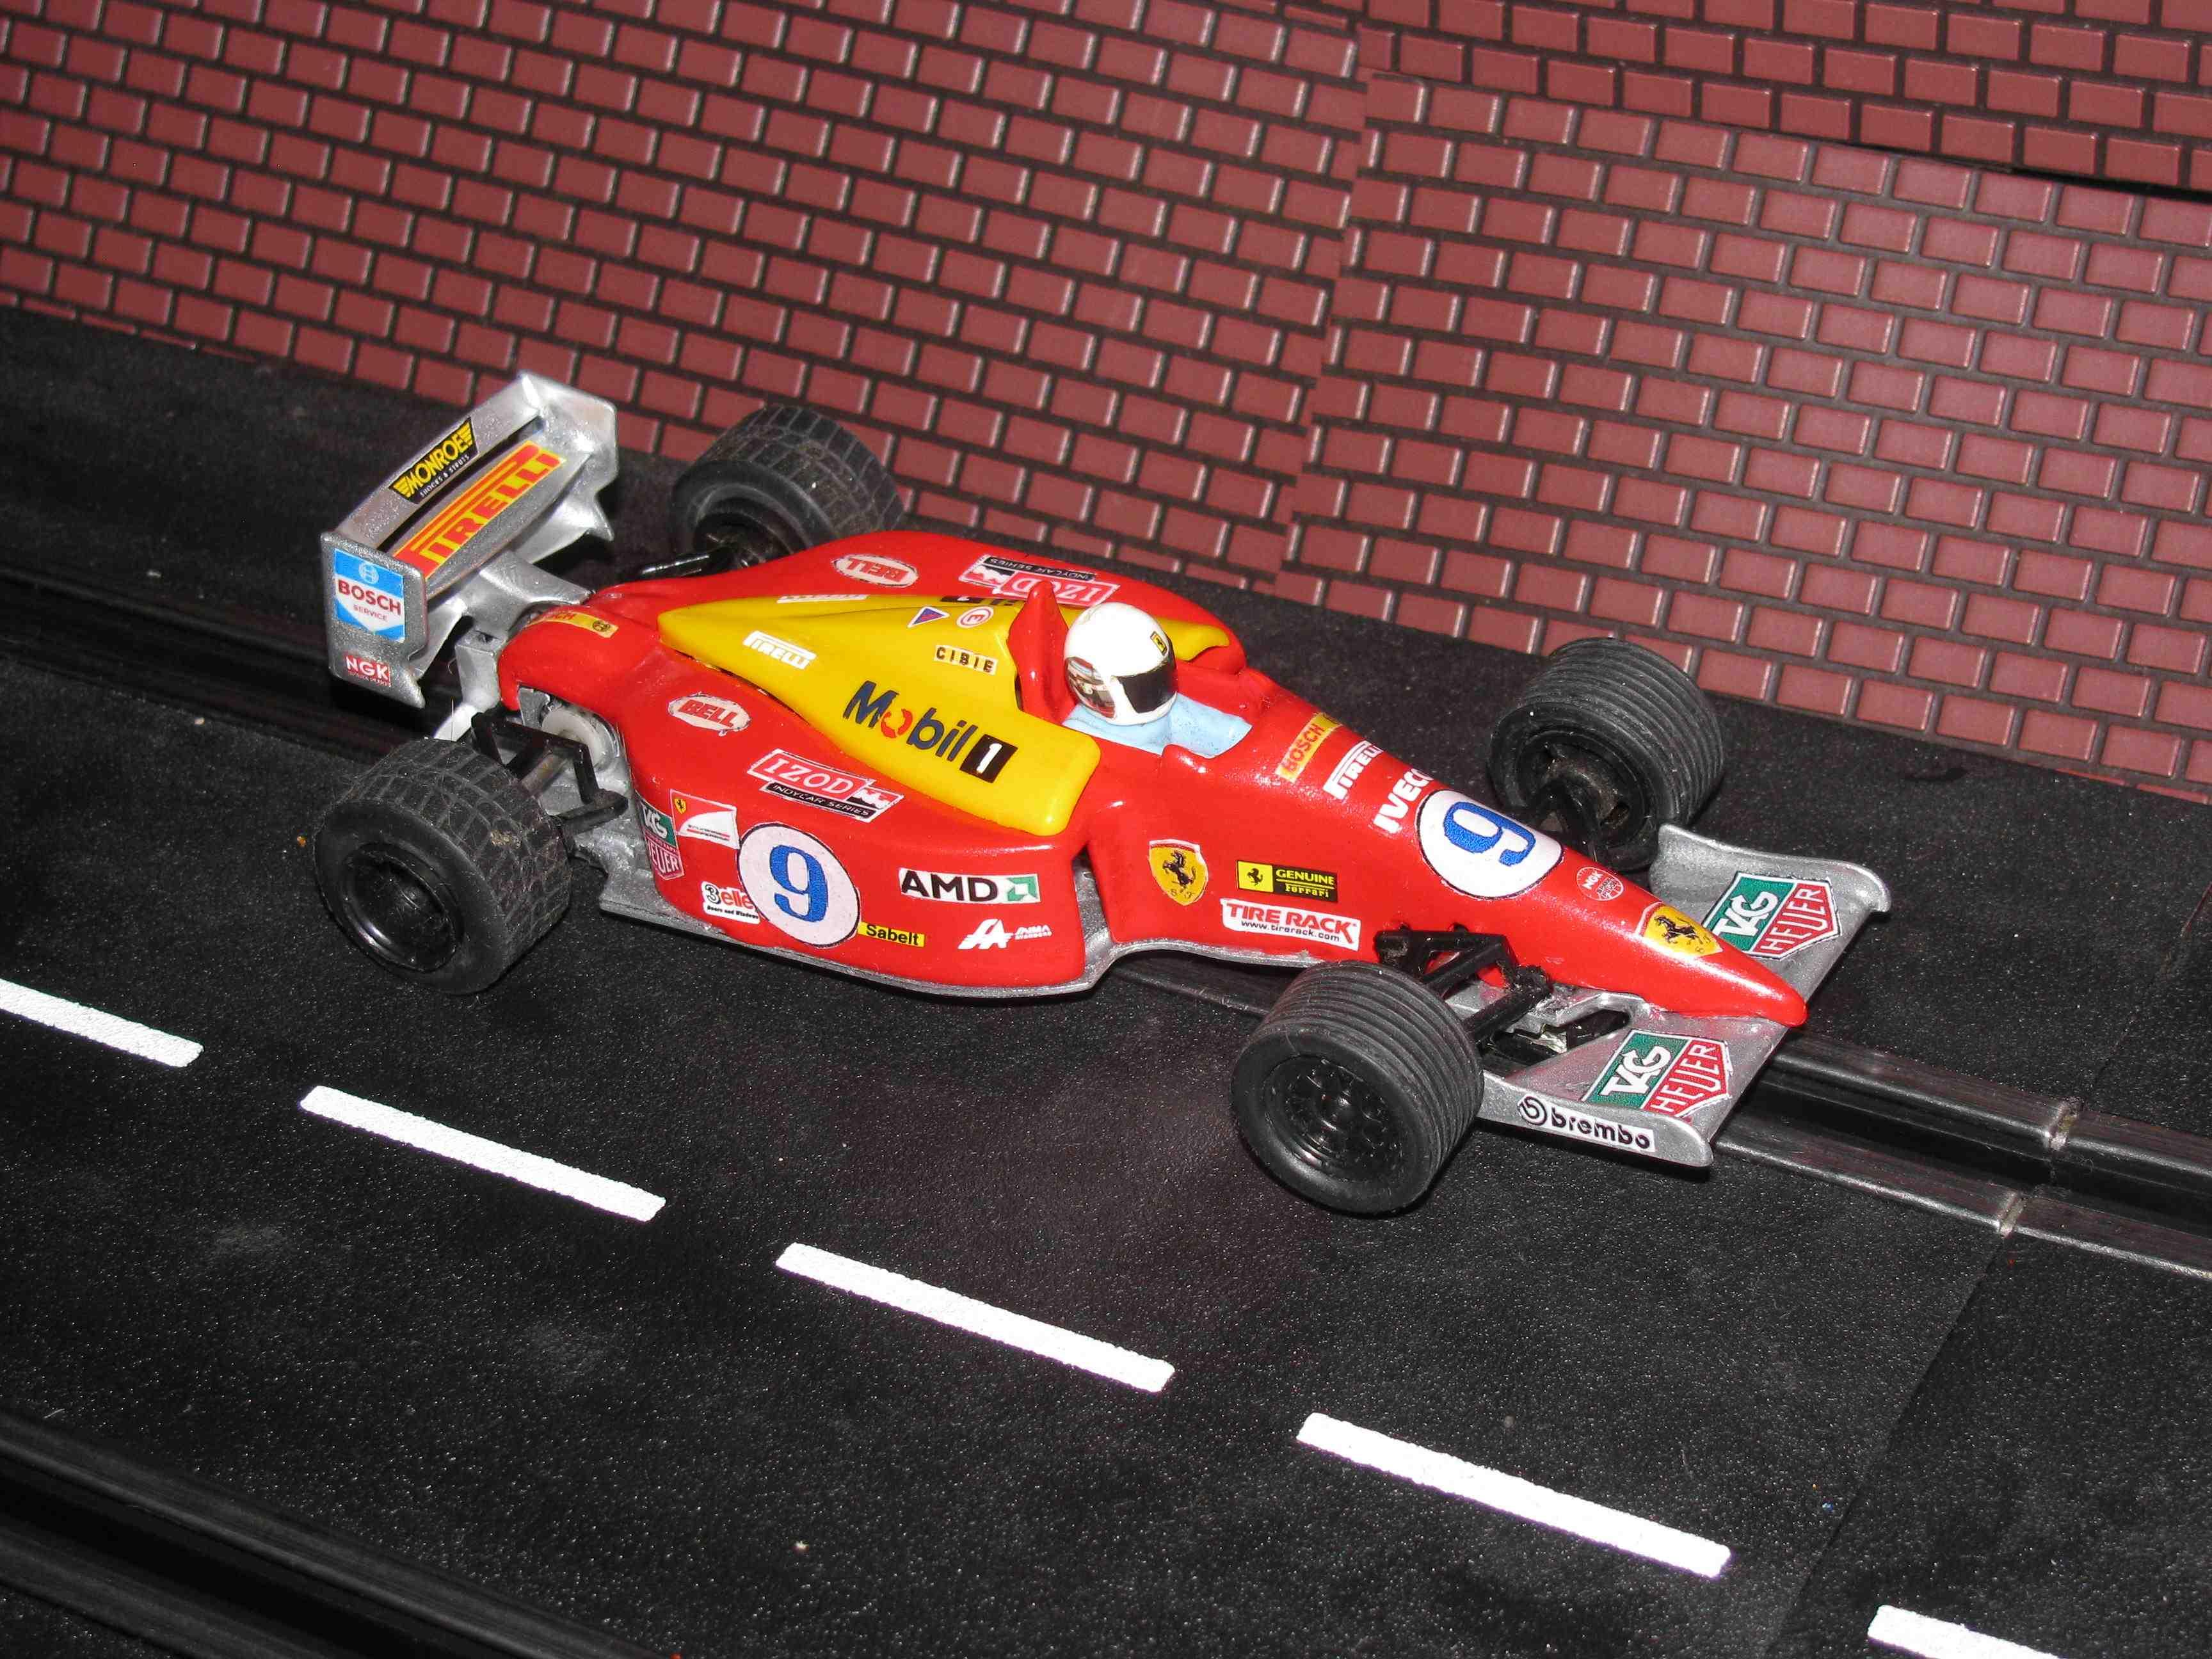 * SOLD * Scalextric Formula One Ferrari Slot Car – Red - Car#9 - 1/32 Scale